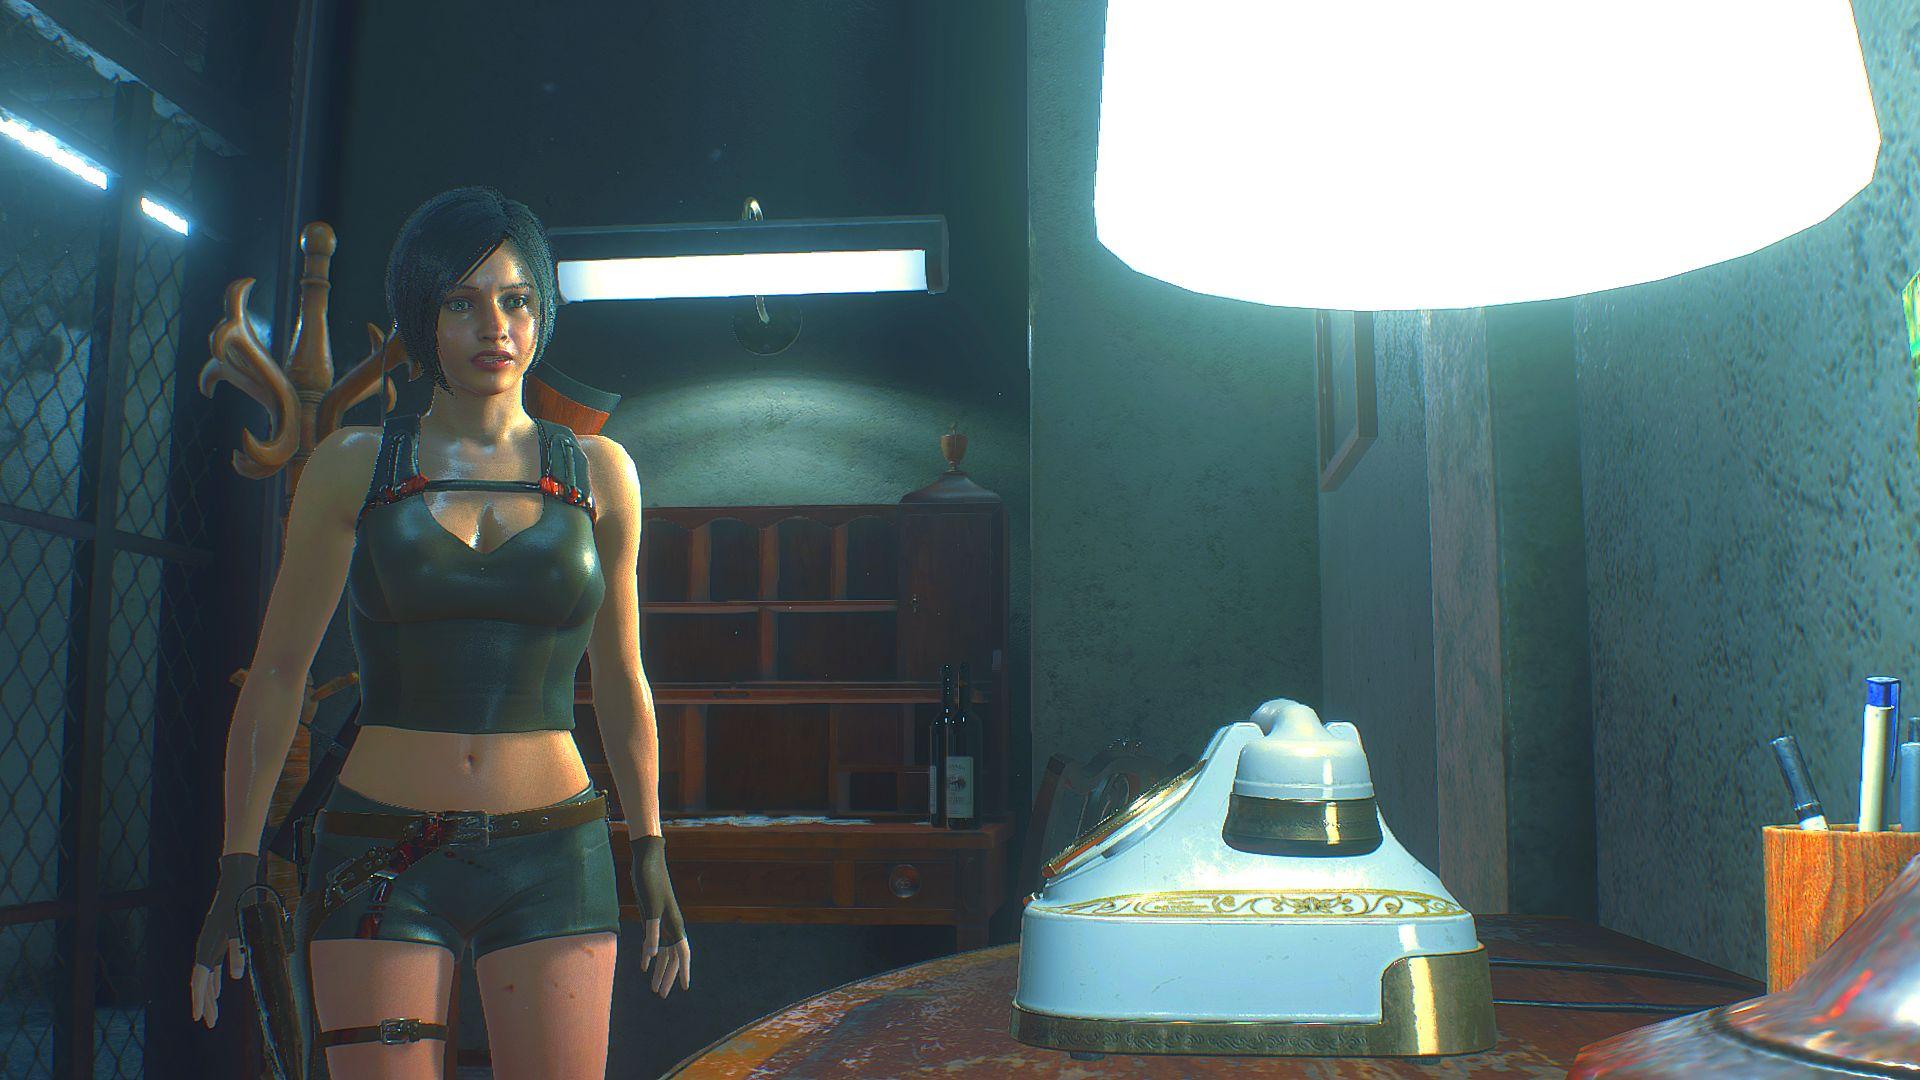 00091.Jpg - Resident Evil 2